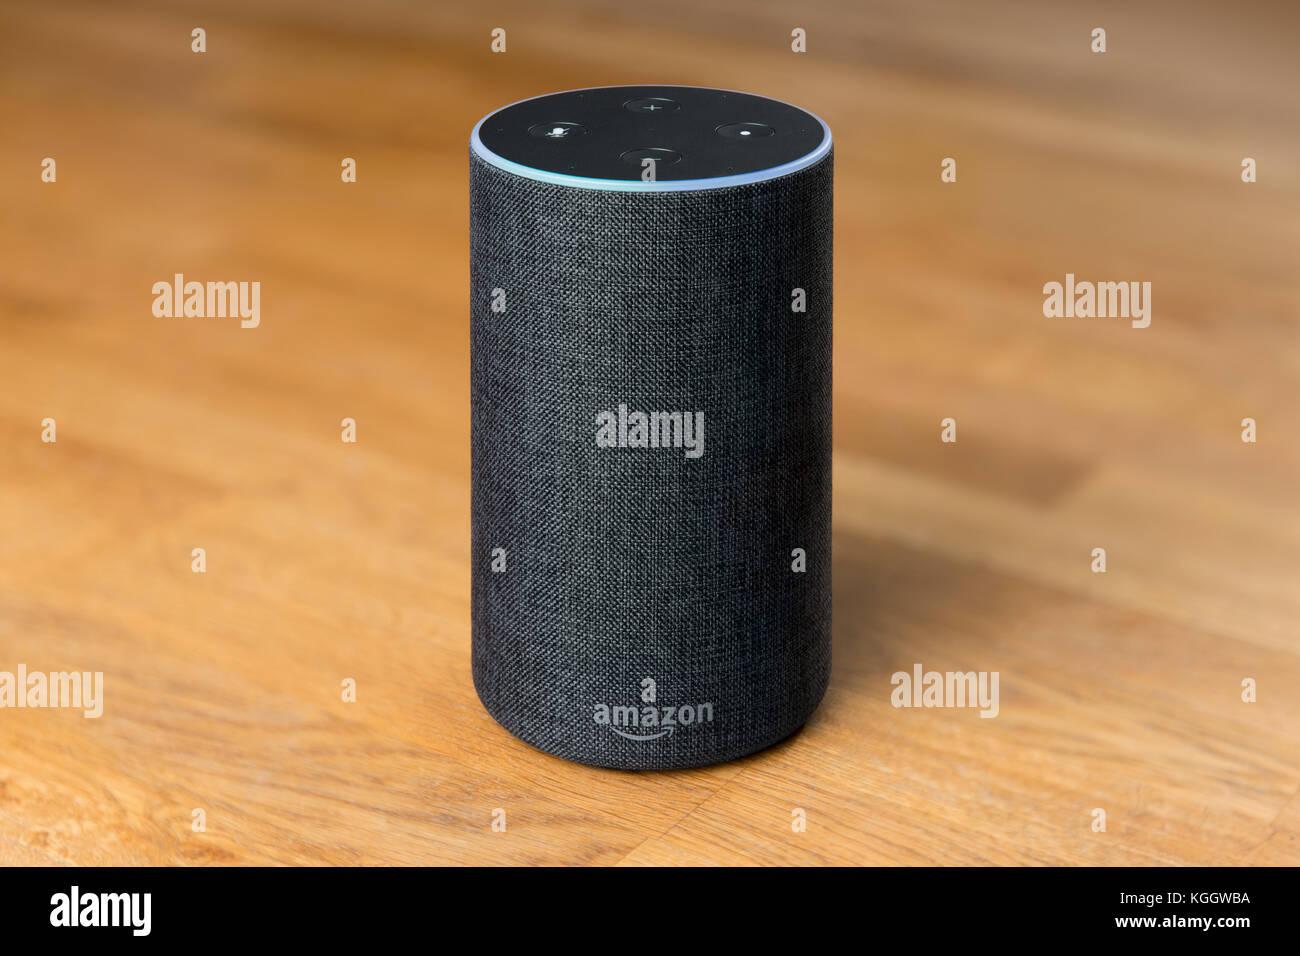 2017 Veröffentlichung einer Holzkohle Amazon Echo (2. Generation) smart Lautsprecher und intelligente persönliche Stockbild